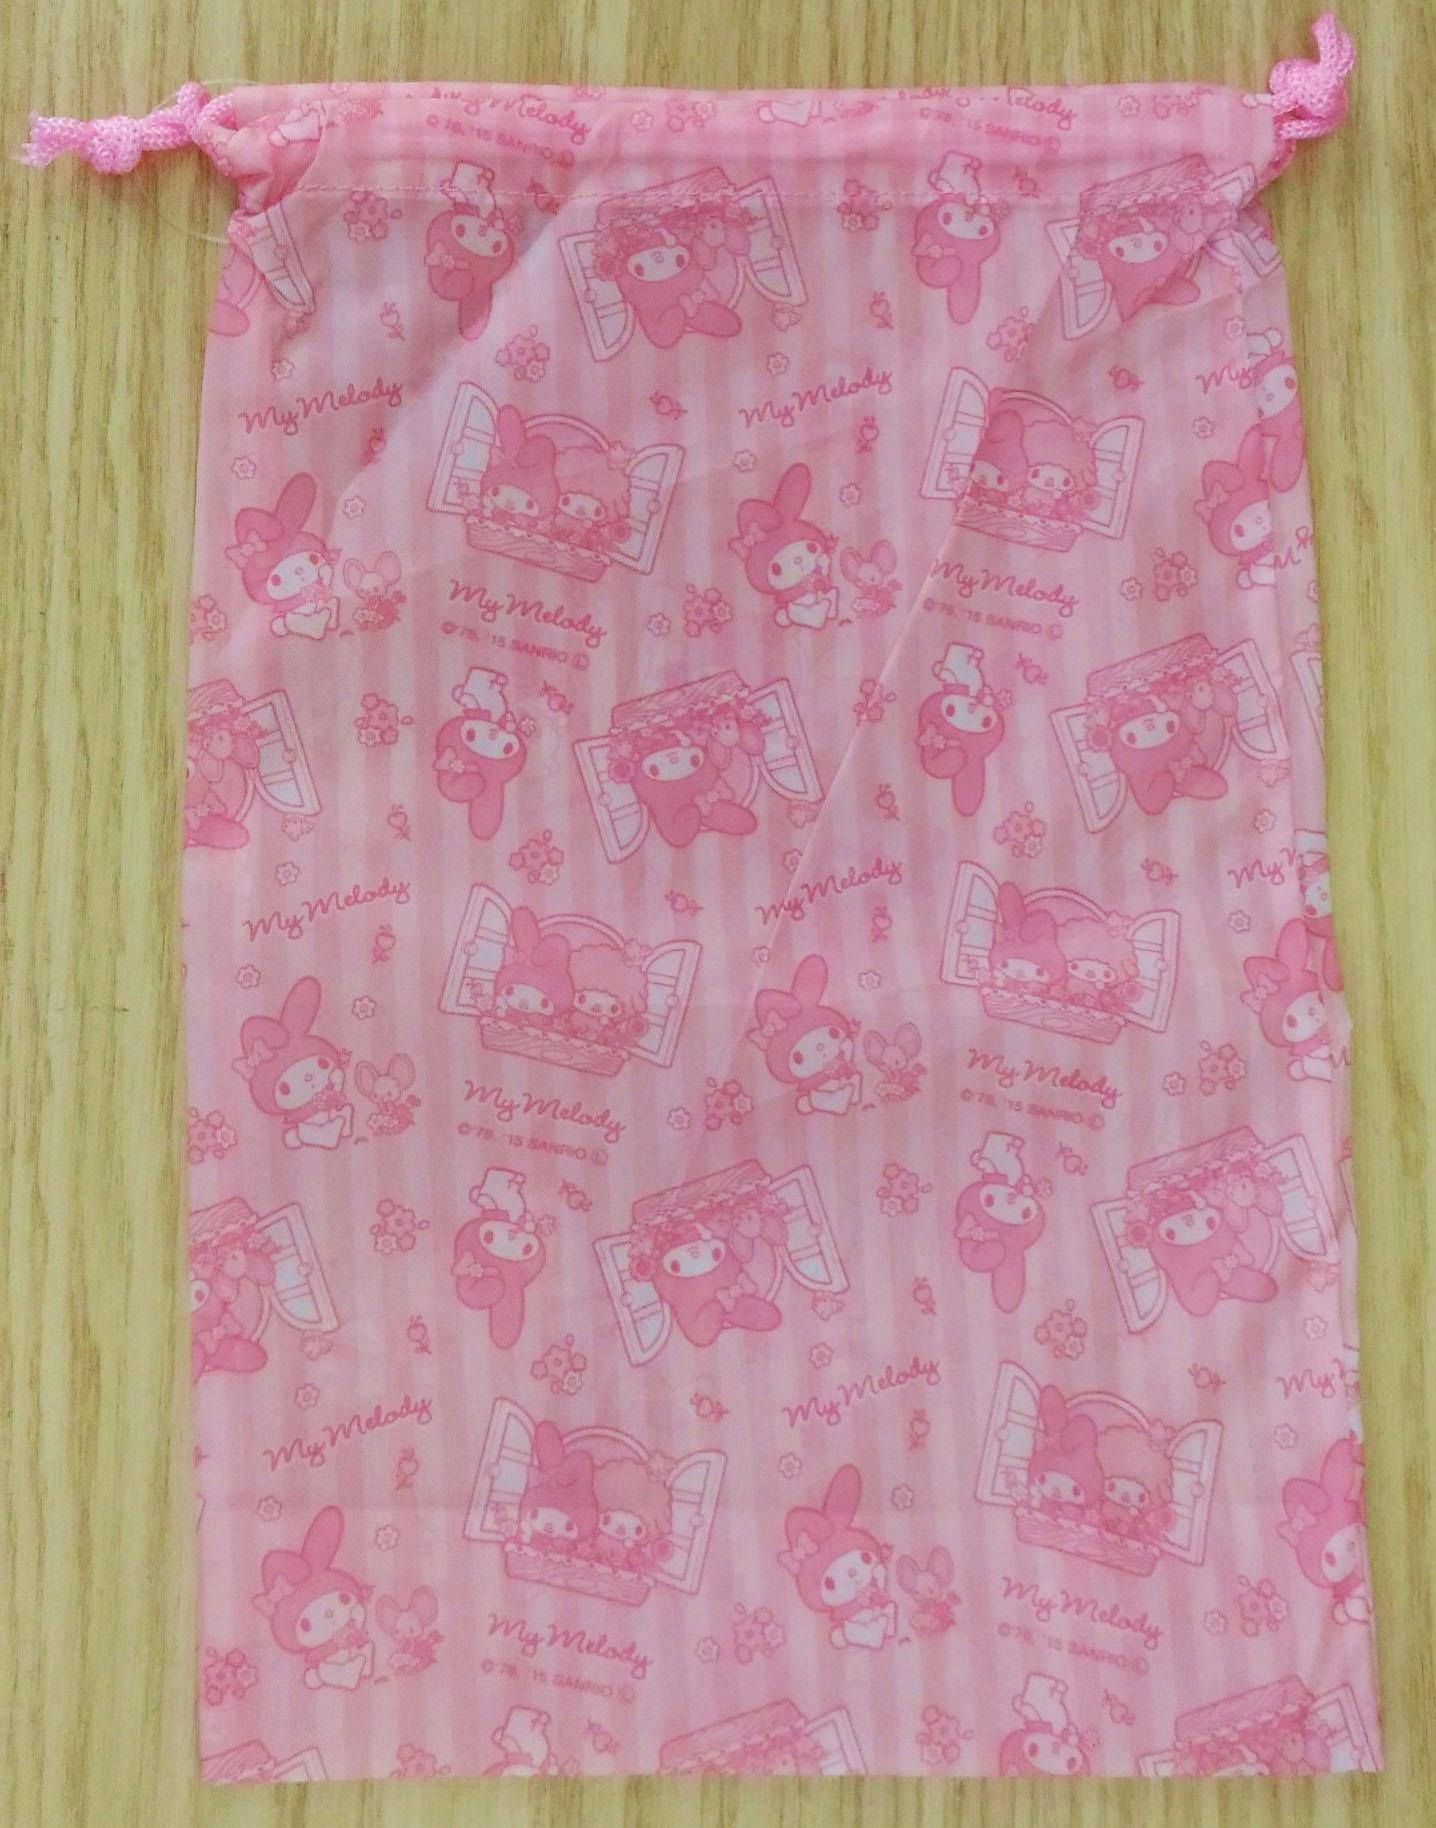 【真愛日本】17111700052 尼龍束口袋-美樂蒂開窗粉 三麗鷗 melody 美樂蒂 收納包 化妝包